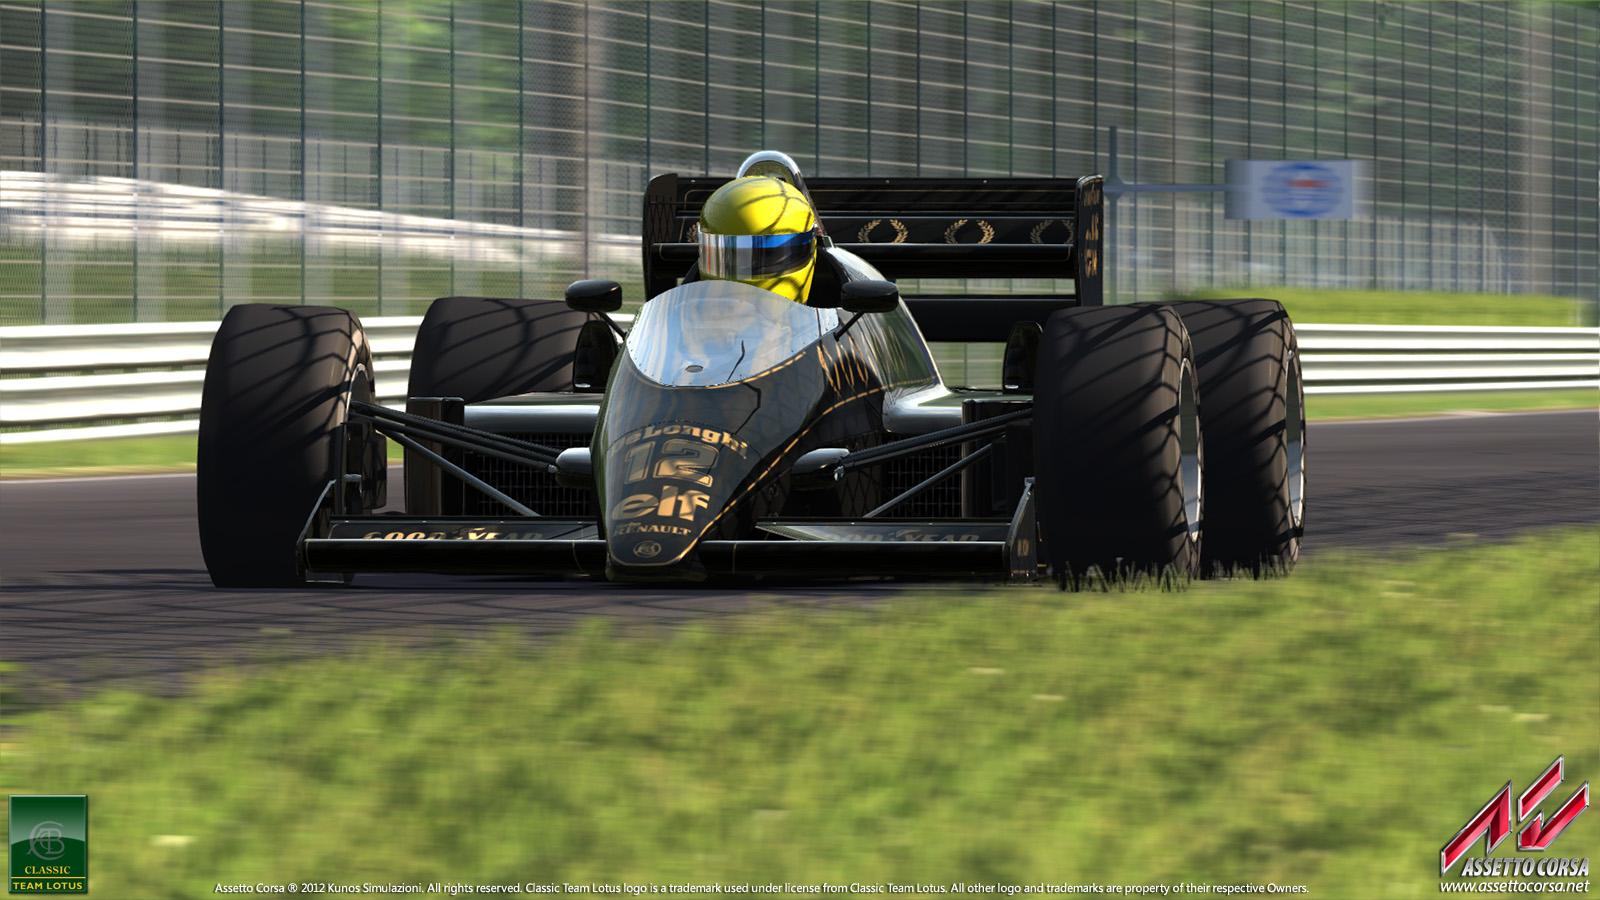 Assetto Corsa: Száguldás a legendás Lotus 98T volánja mögött Monzában